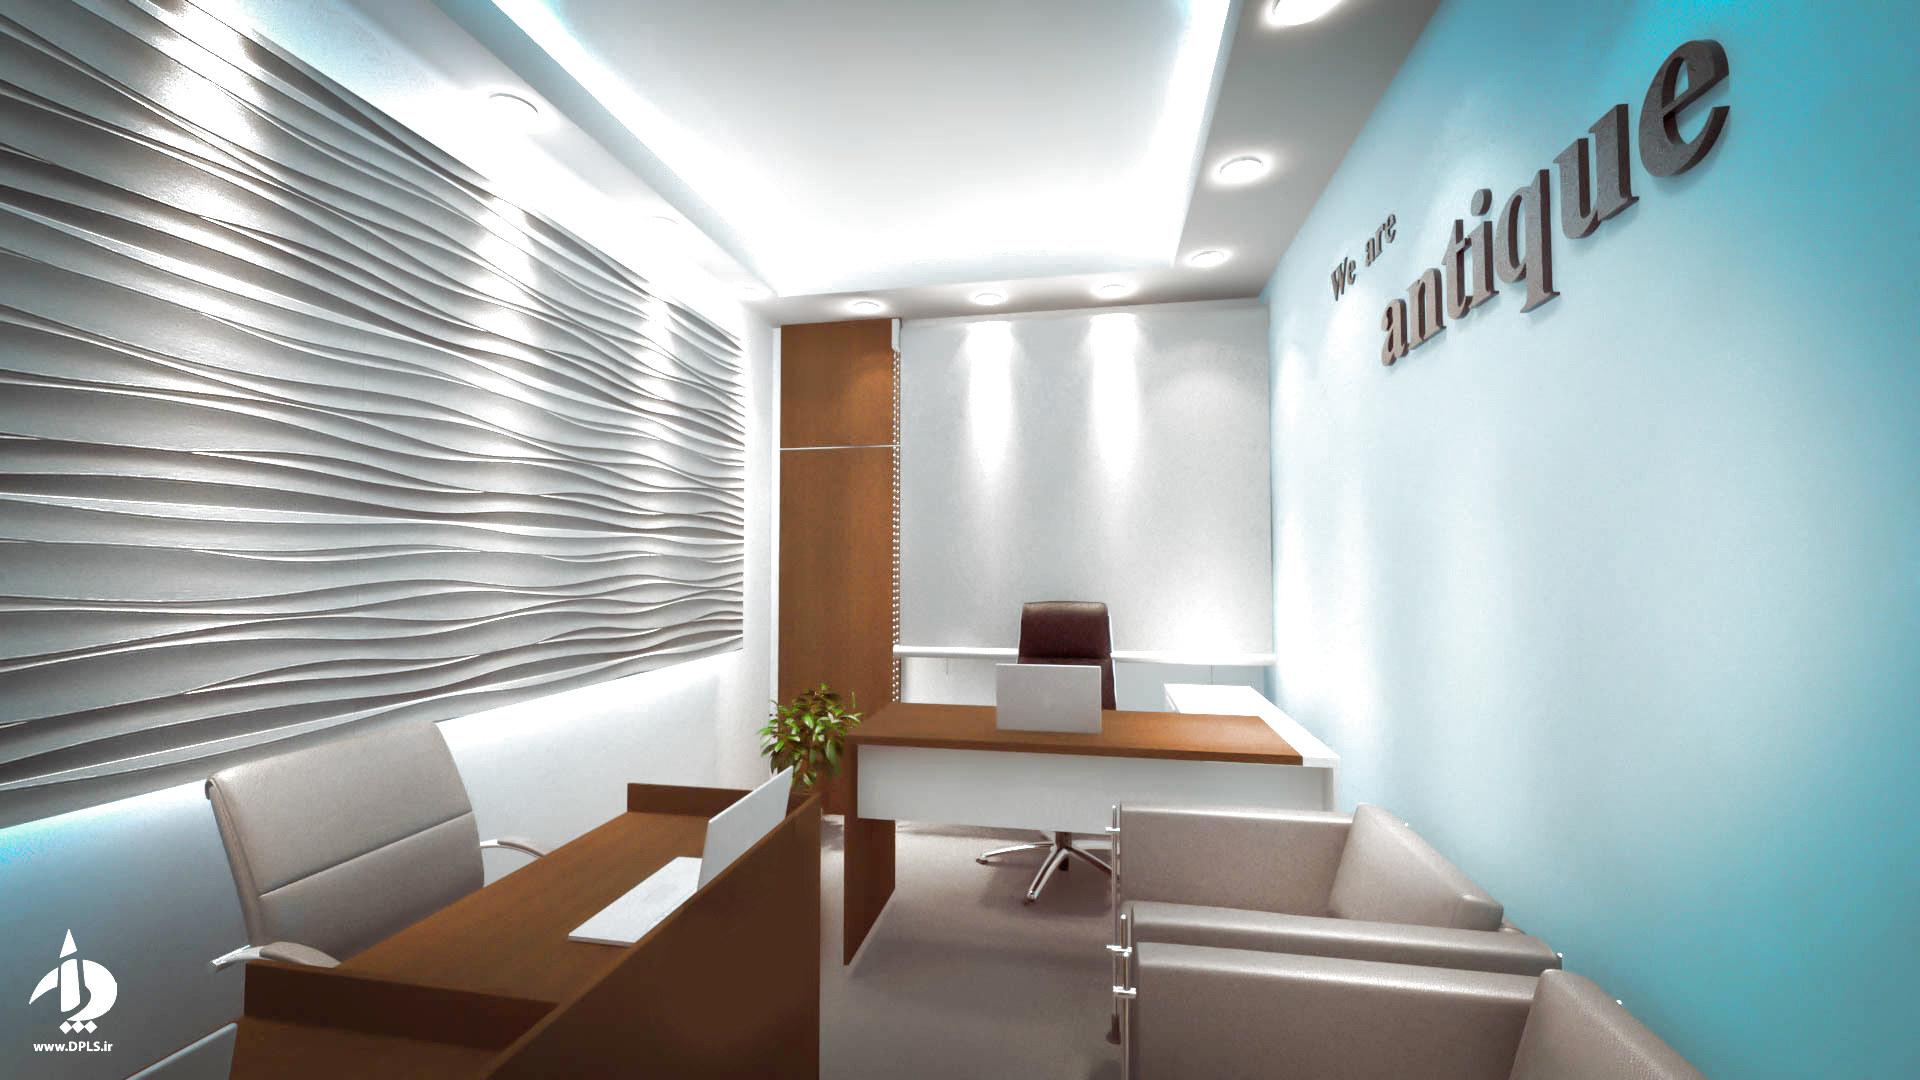 b4 - طراحی داخلی شرکت حمل و نقل سما مروارید آسیا